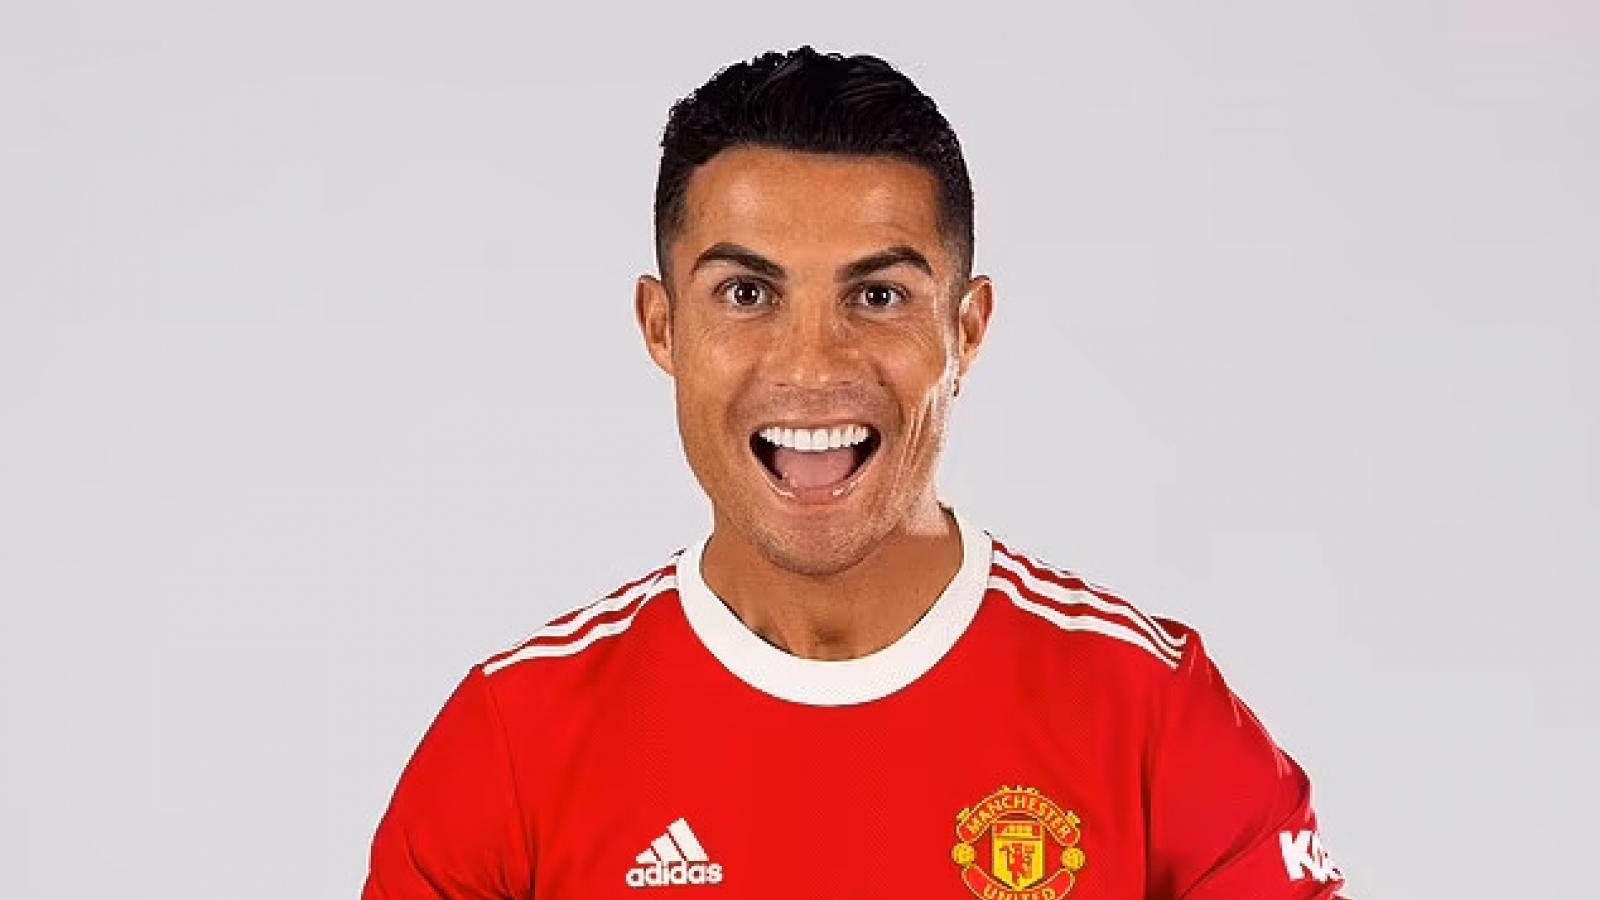 Những hình ảnh đầu tiên của Ronaldo trong màu áo mới MU